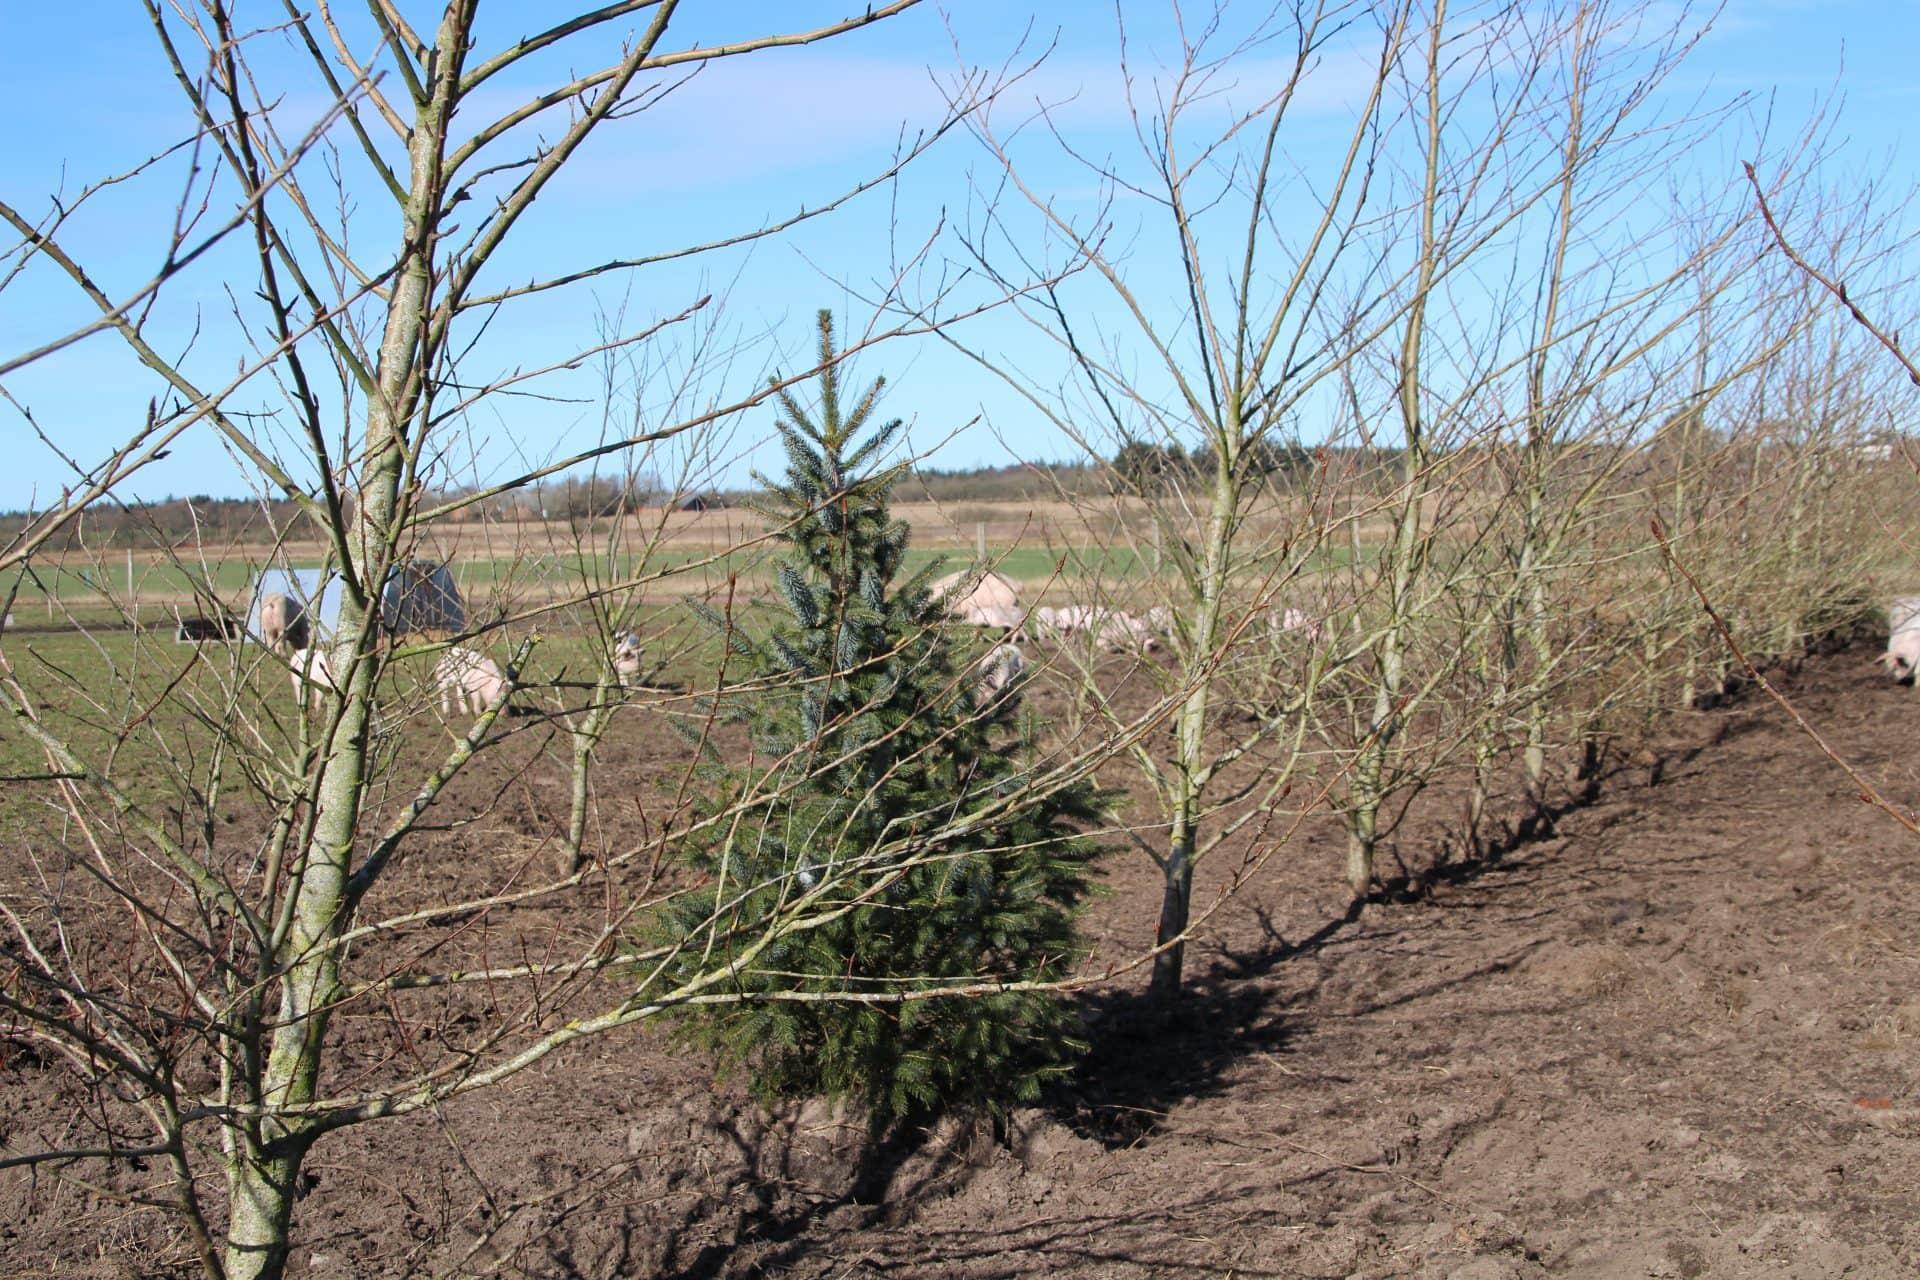 Grisene på faremarken bag træer